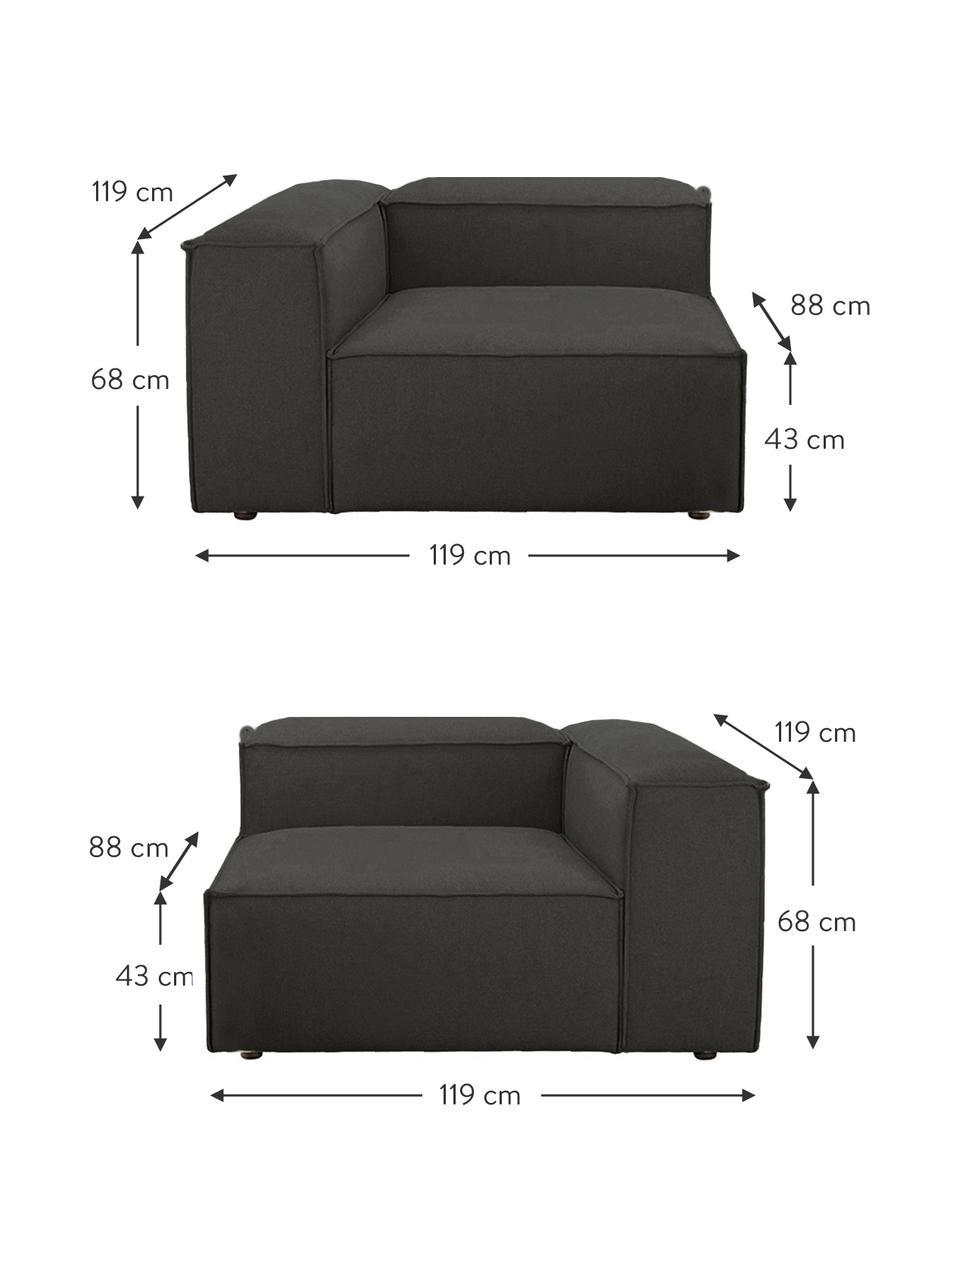 Sofá modular Lennon (3plazas), Tapizado: poliéster Alta resistenci, Estructura: madera de pino maciza, ma, Patas: plástico Las patas están , Tejido gris antracita, An 238 x F 119 cm